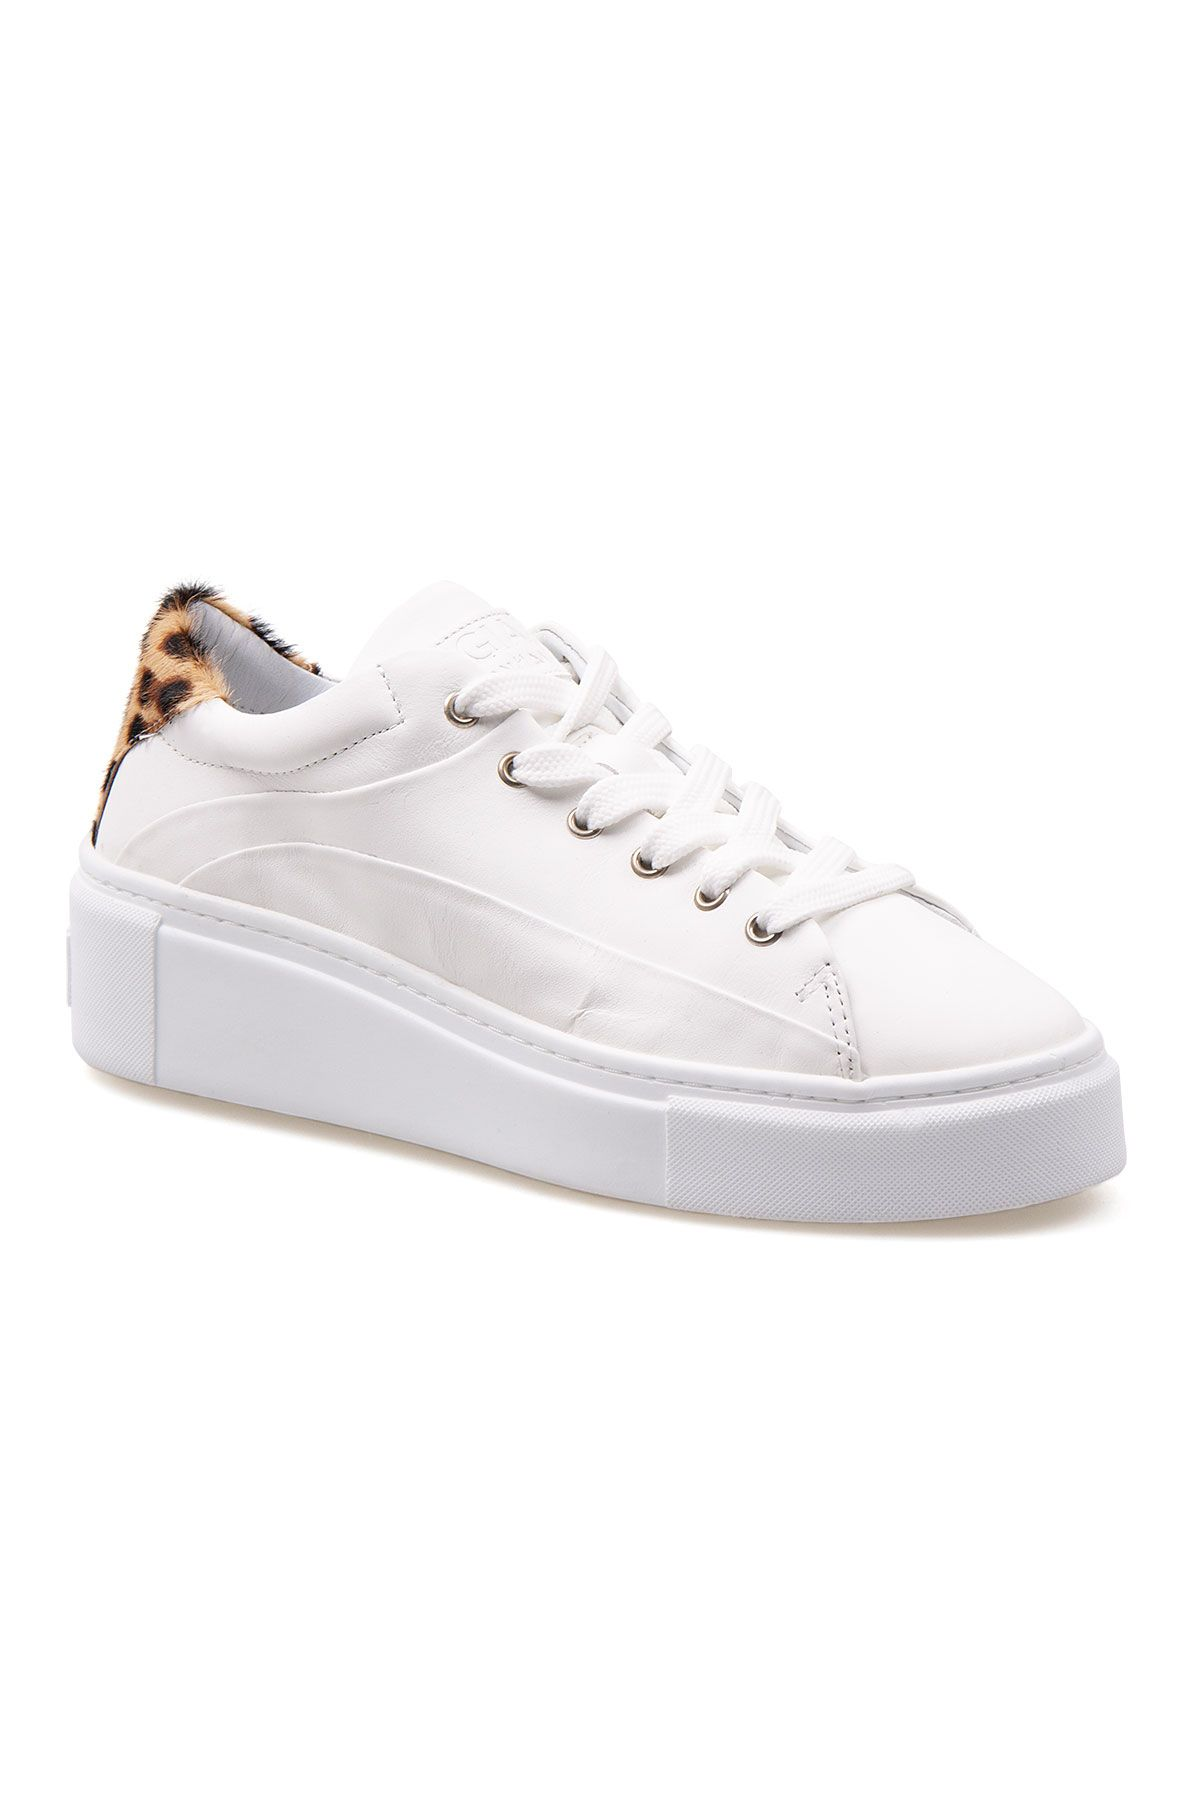 Pegia Genuine Leather Women's Sneaker LA1610 White